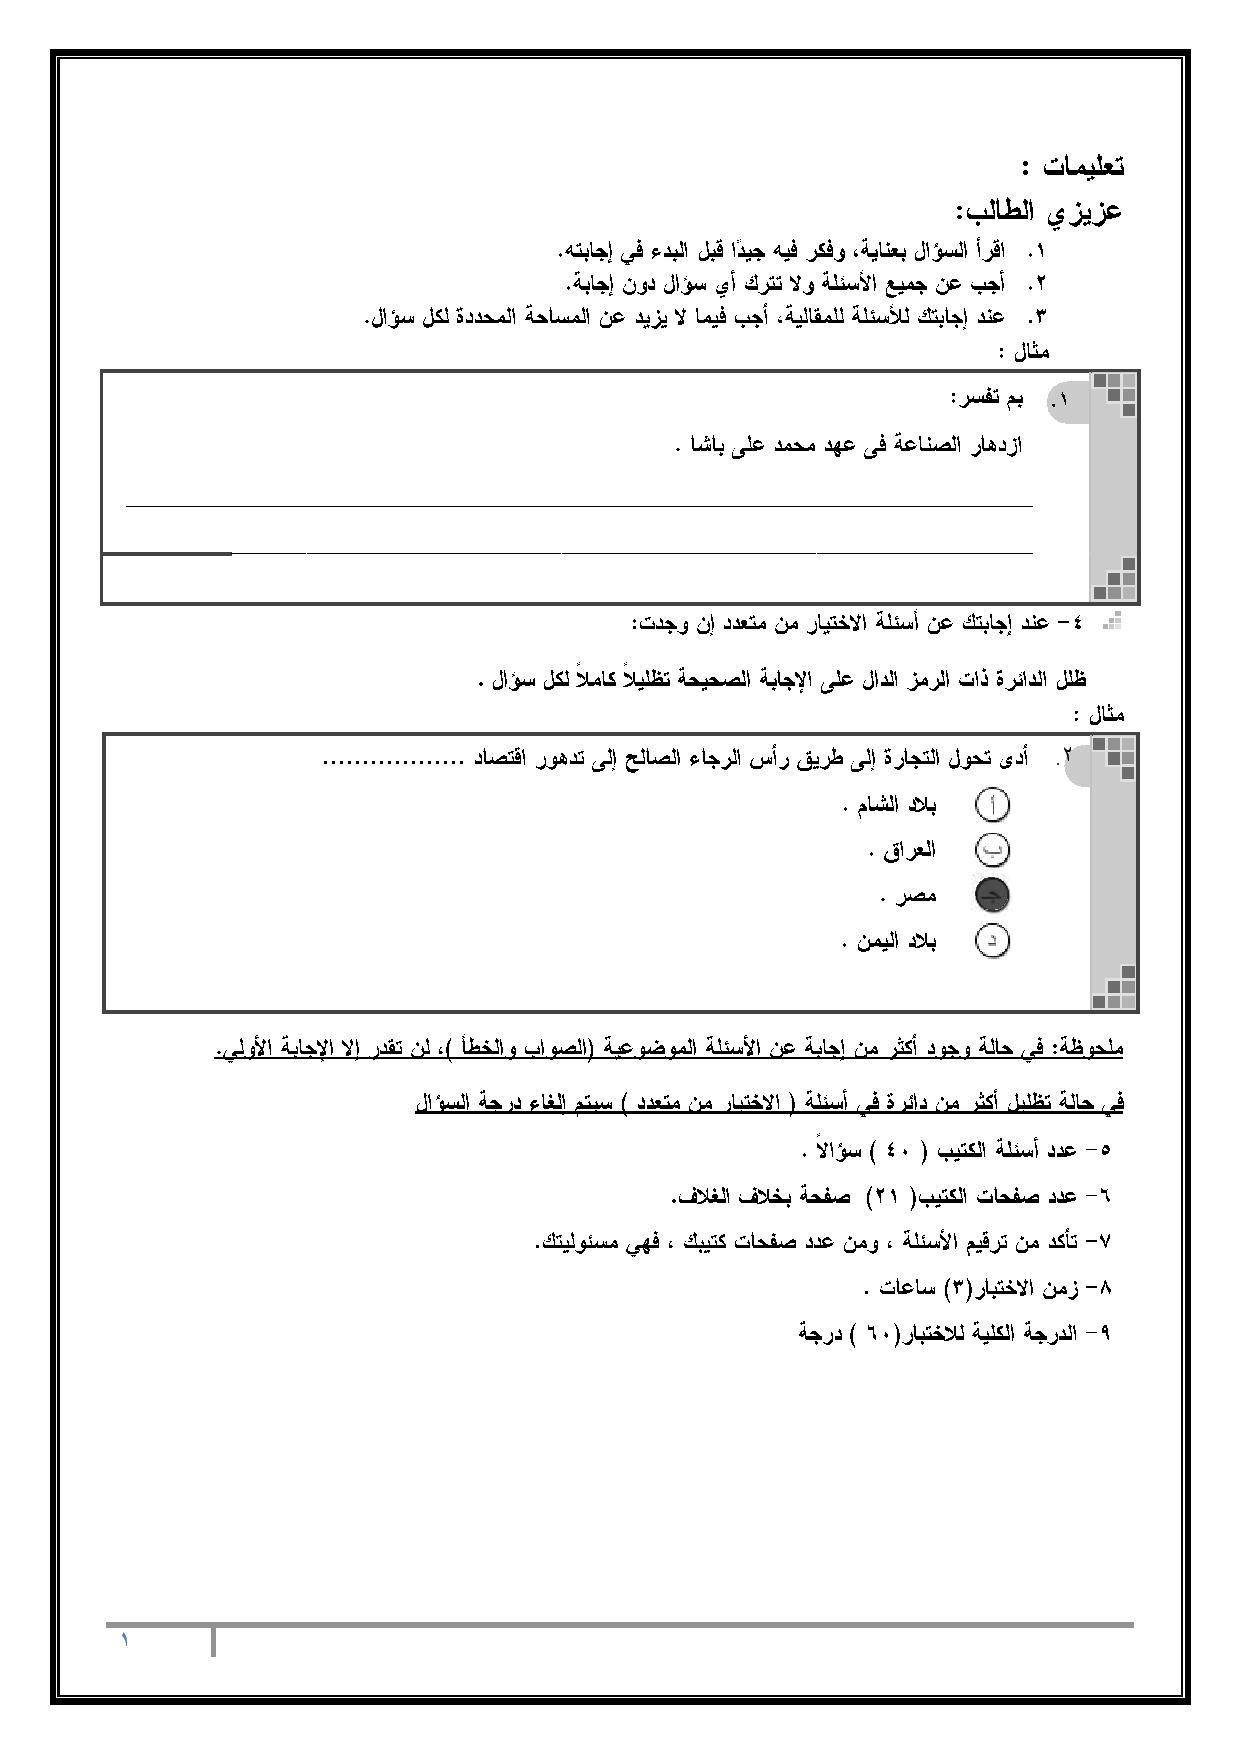 تحميل كتاب الكيمياء للصف الثالث الثانوى 2017 pdf